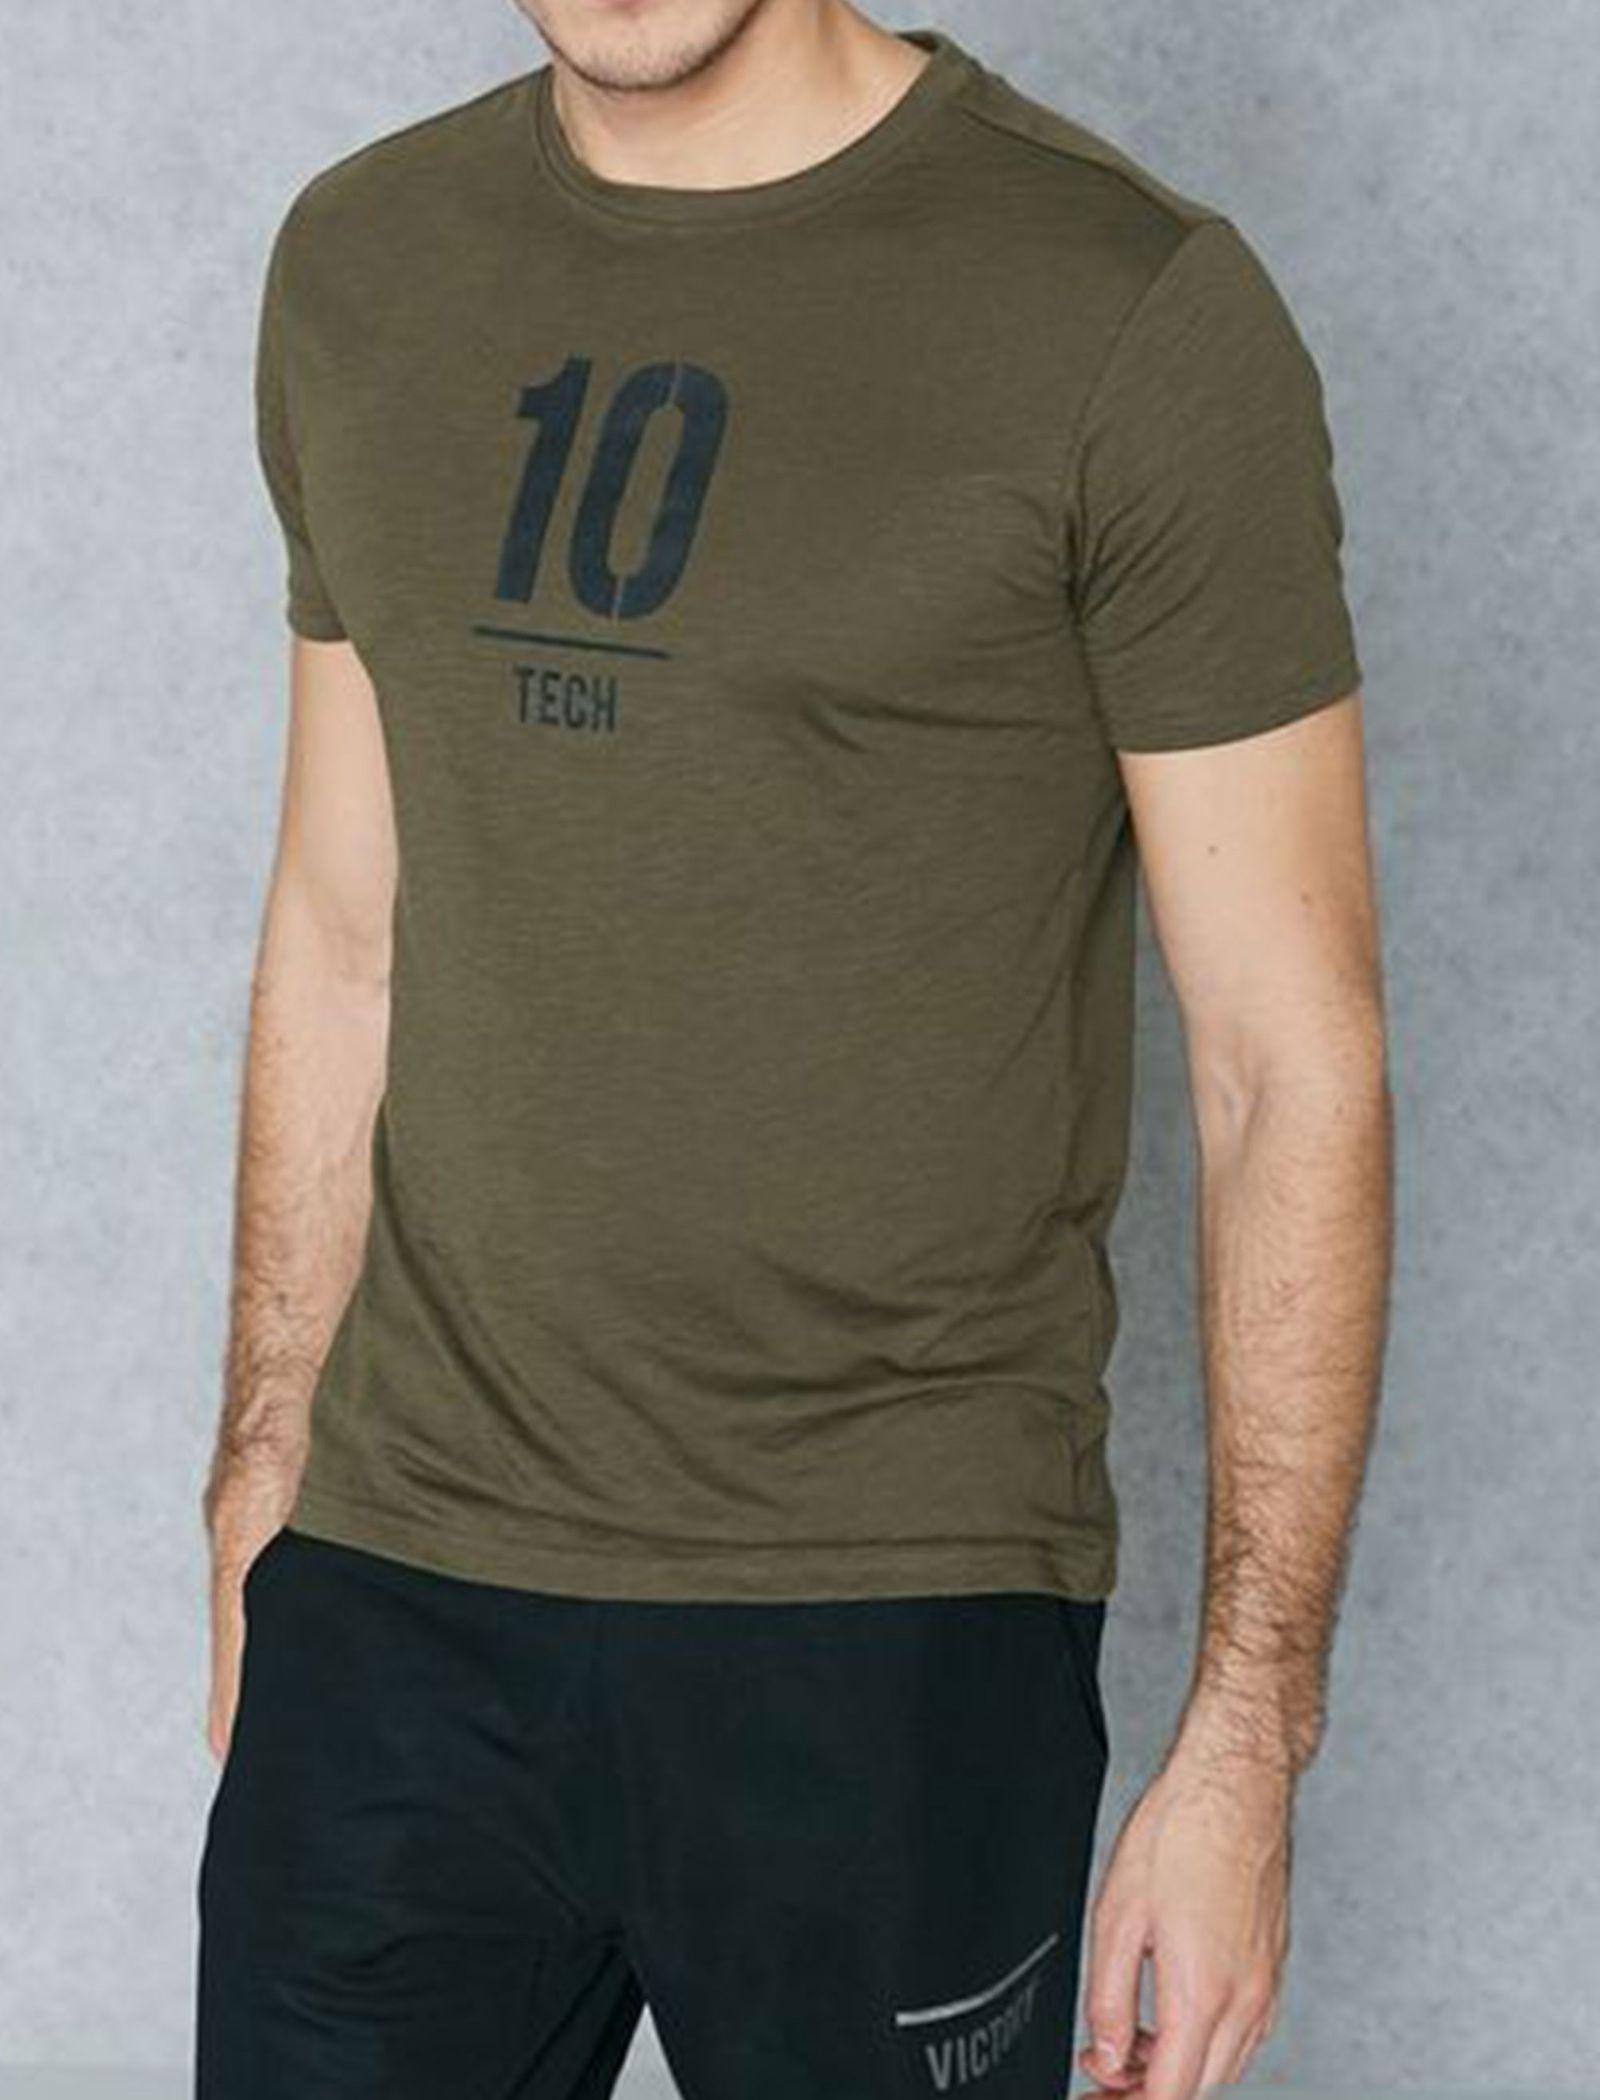 تی شرت ورزشی یقه گرد مردانه - جک اند جونز - زيتوني - 5